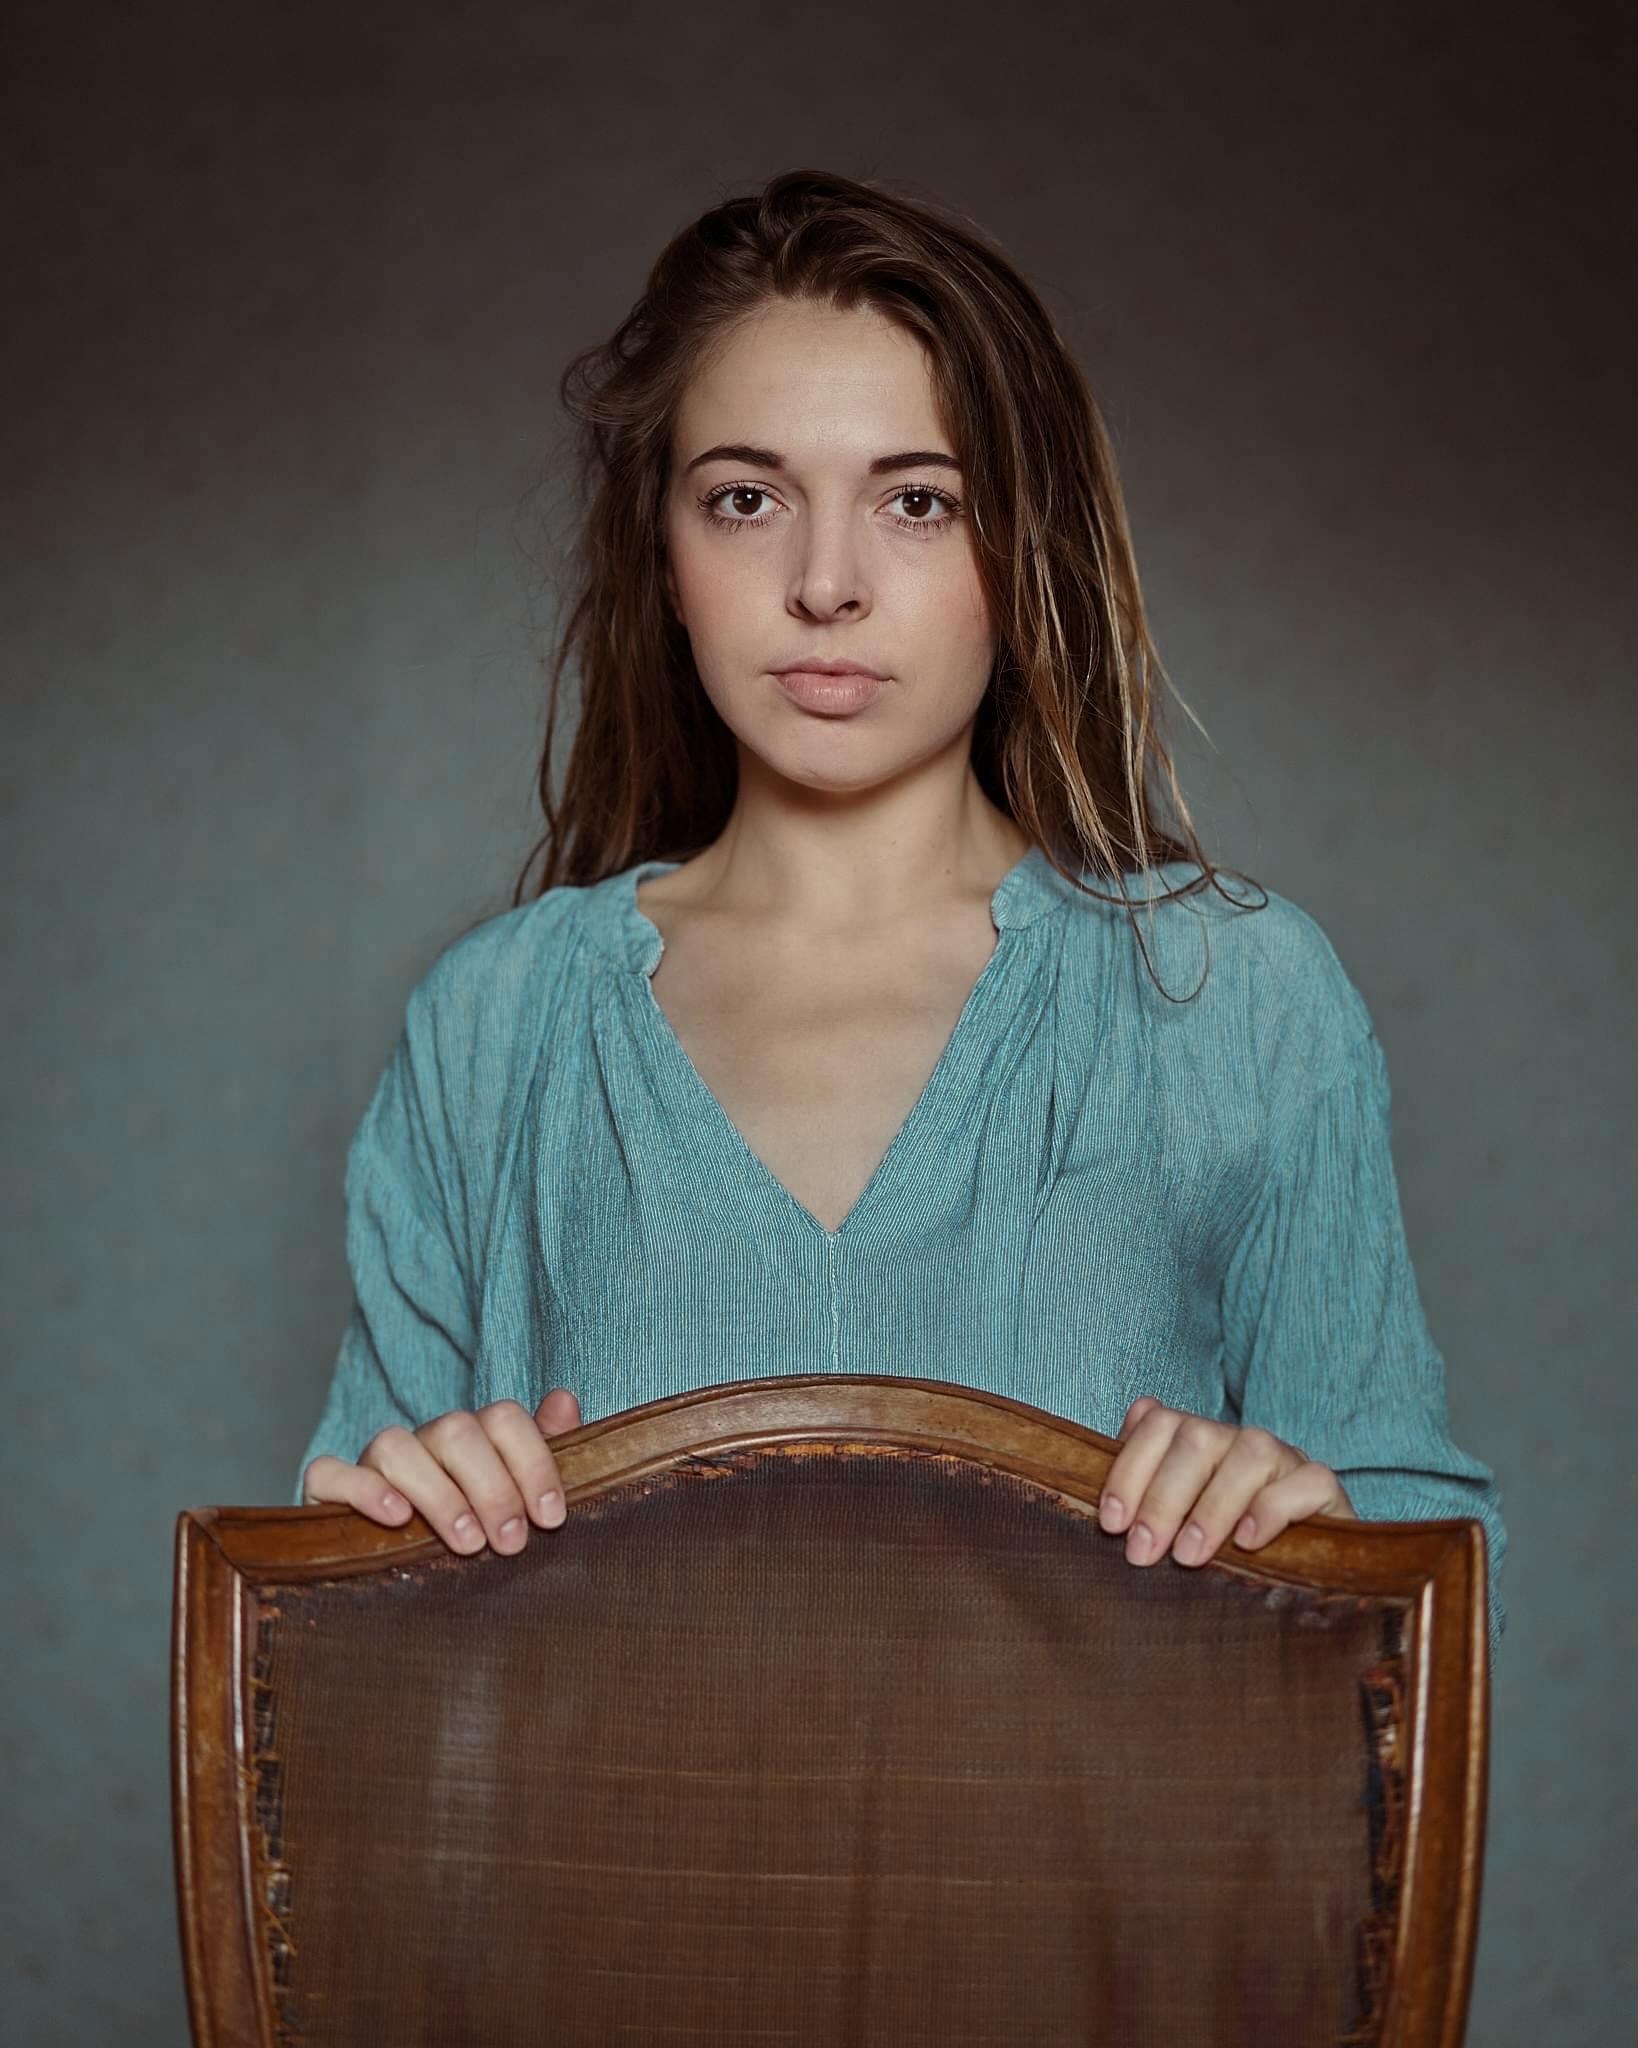 Model Kasia Balou alias Katharina Klein